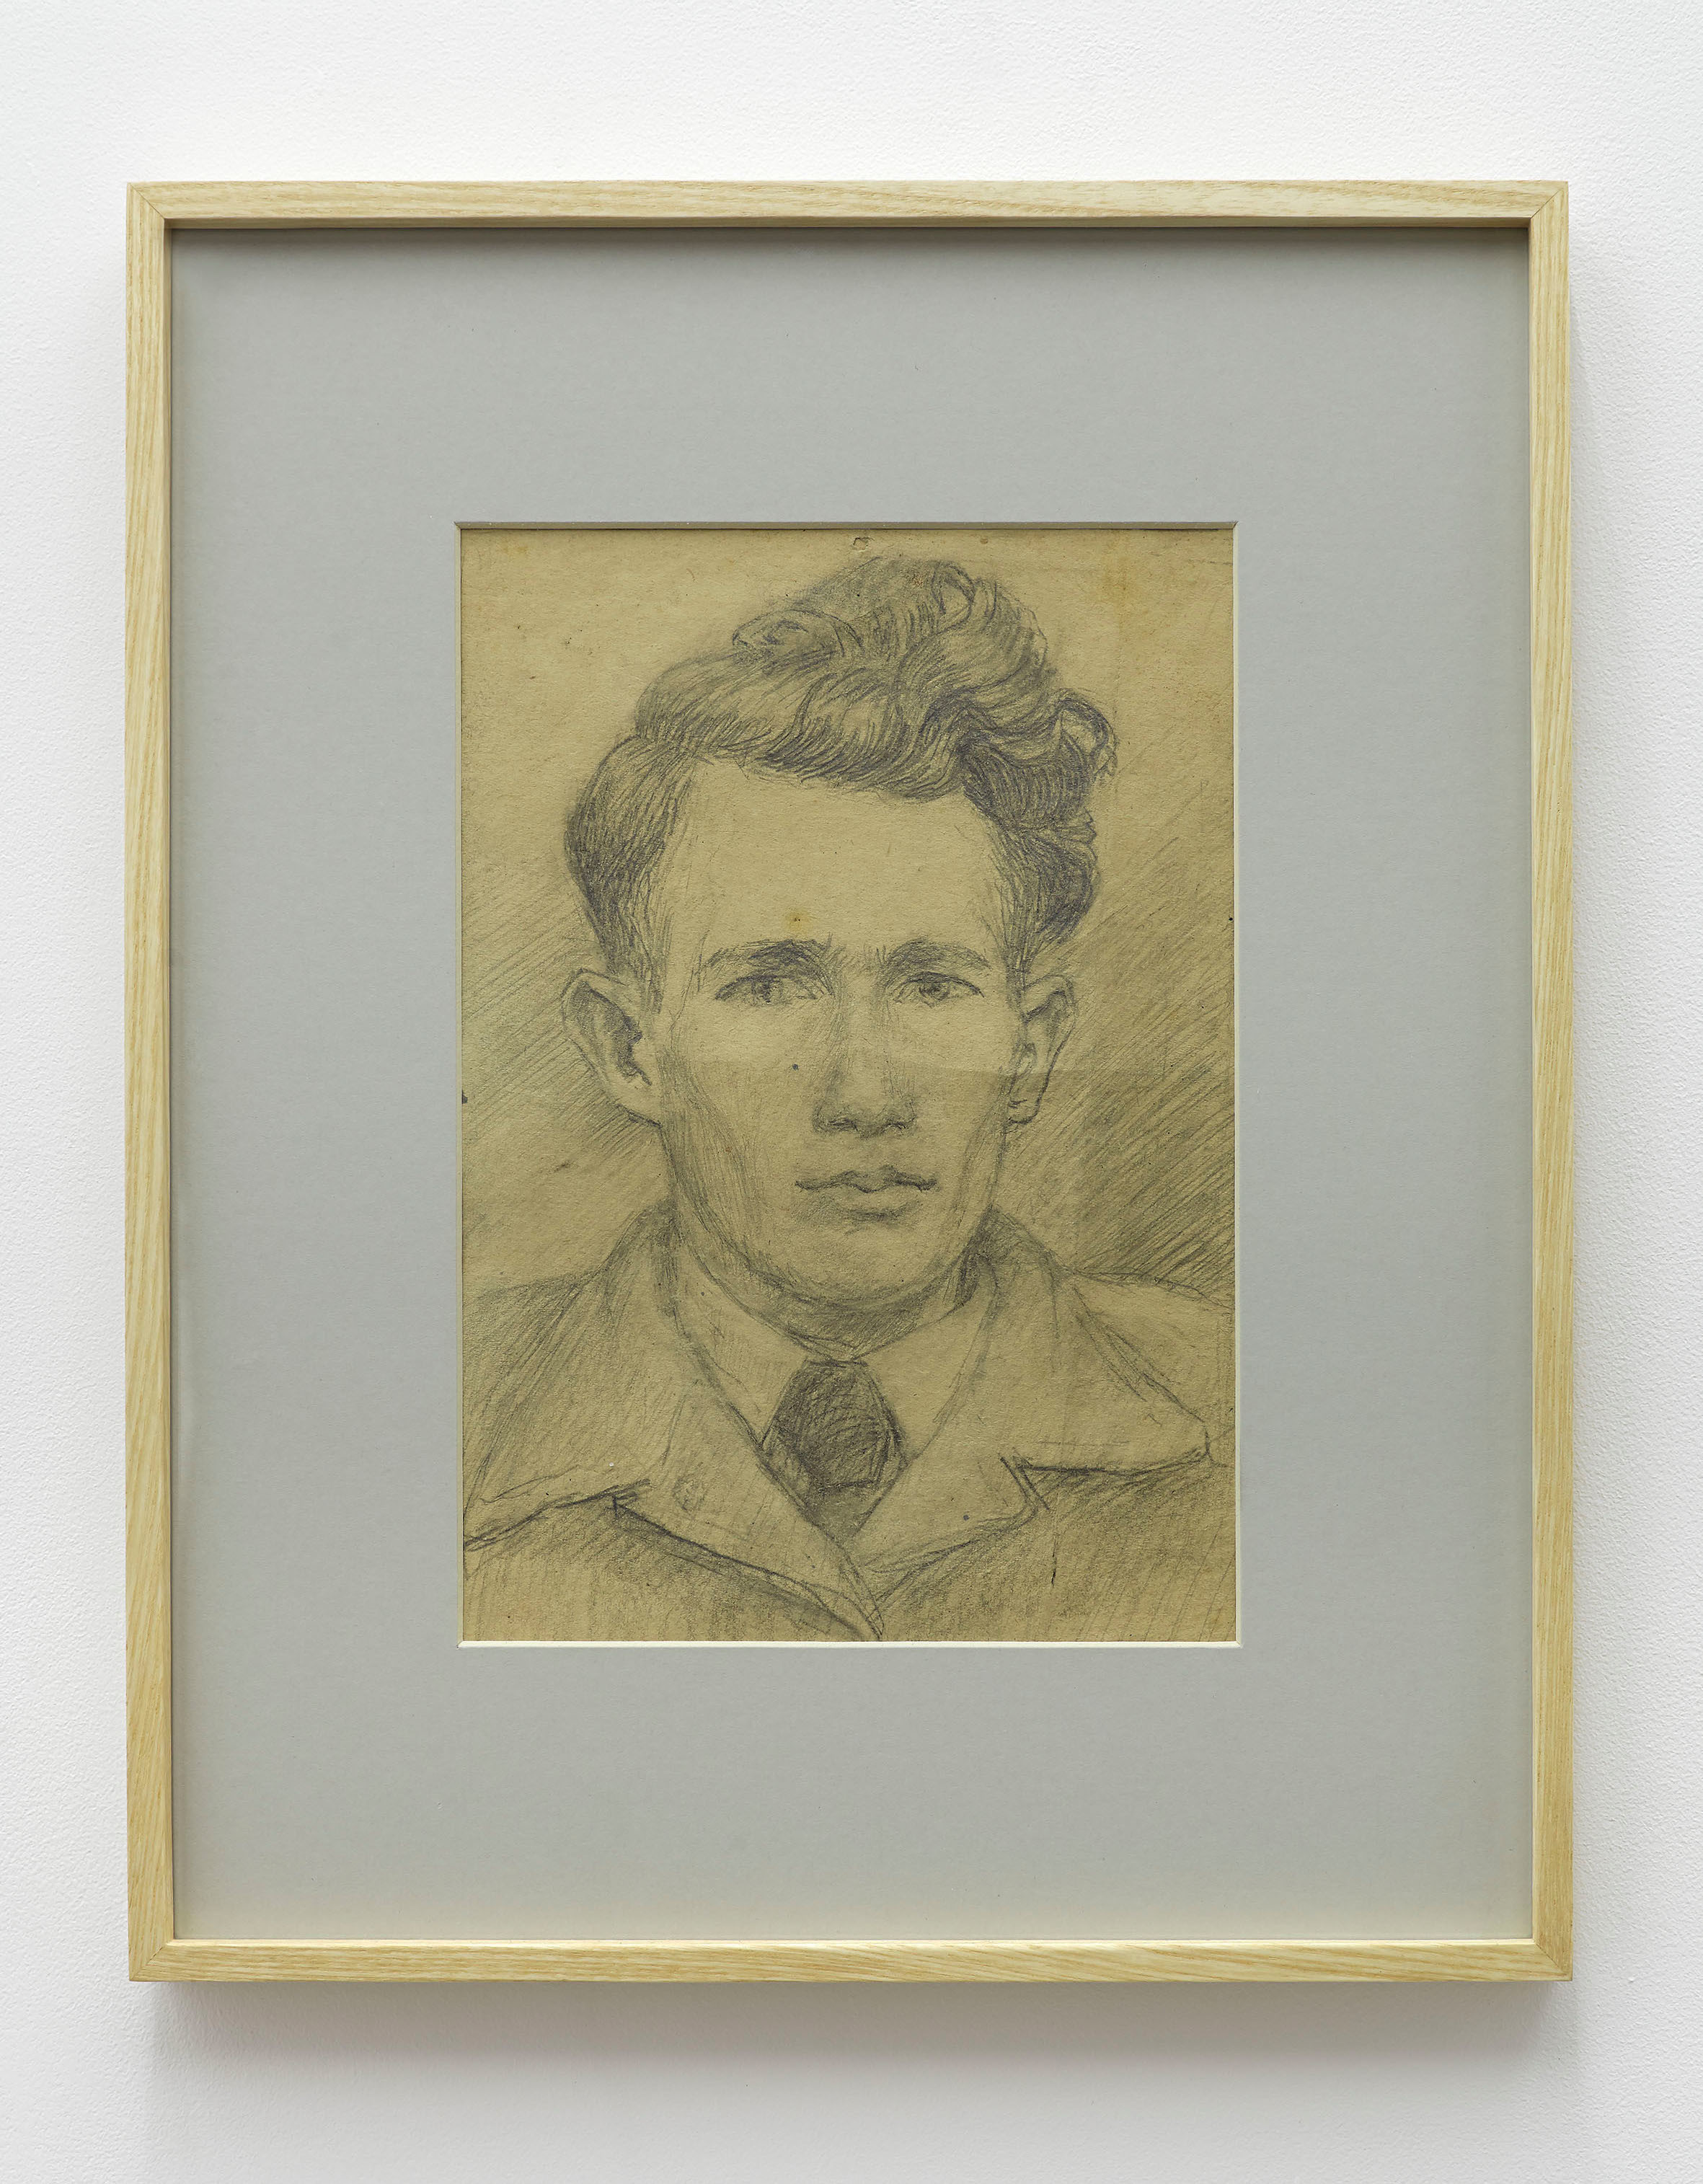 Marian Szpakowski, autoportret, lata 50., ołówek napapierze